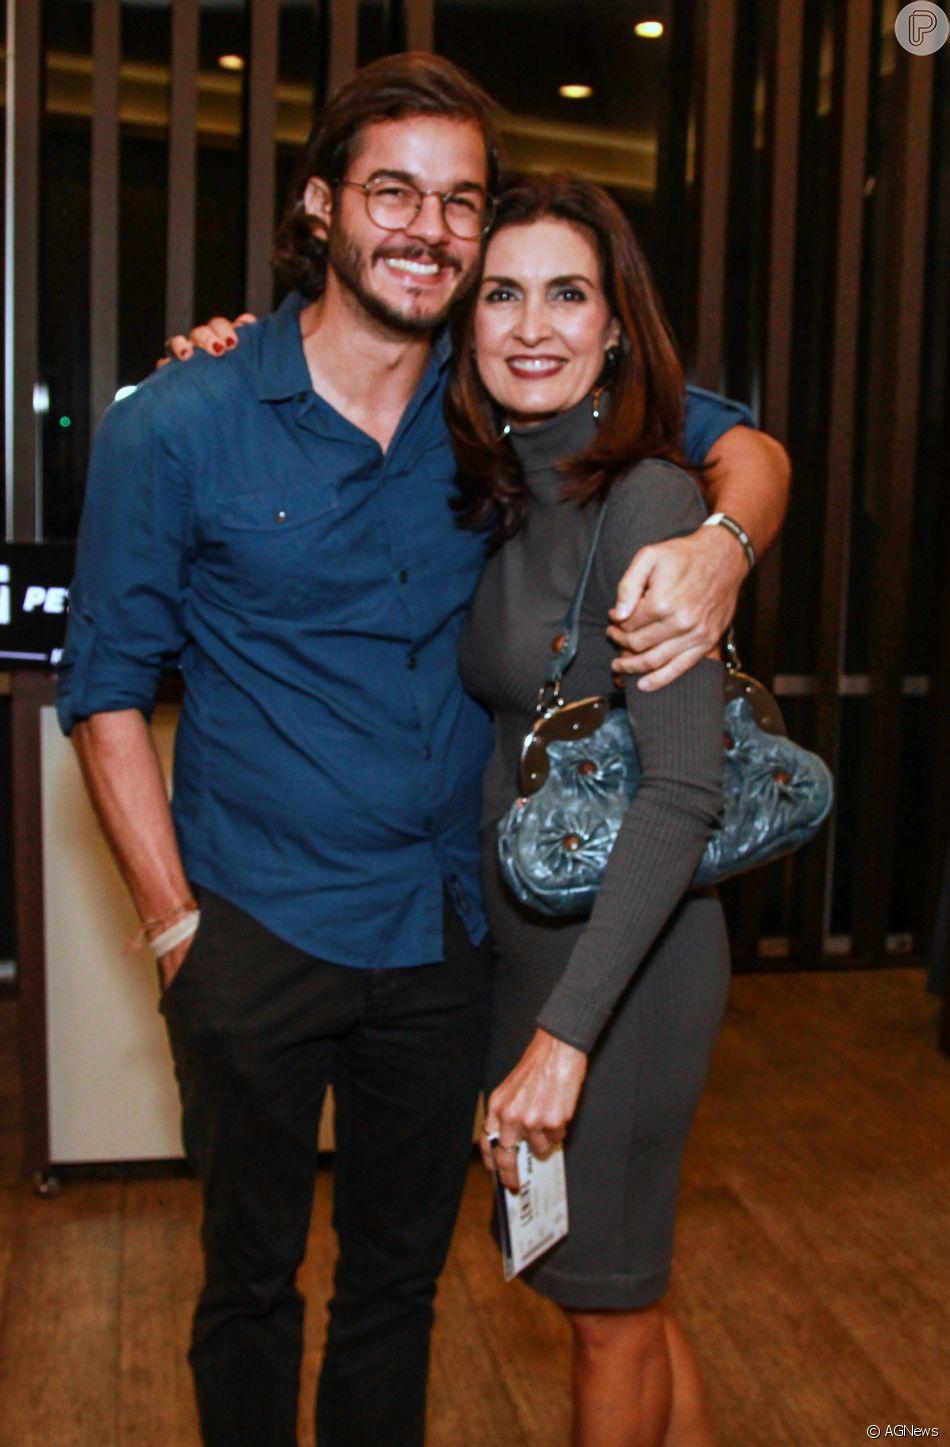 Túlio Gadêlha e a namorada, Fátima Bernardes, curtiram noite fria em São Paulo neste sábado, 11 de agosto de 2018